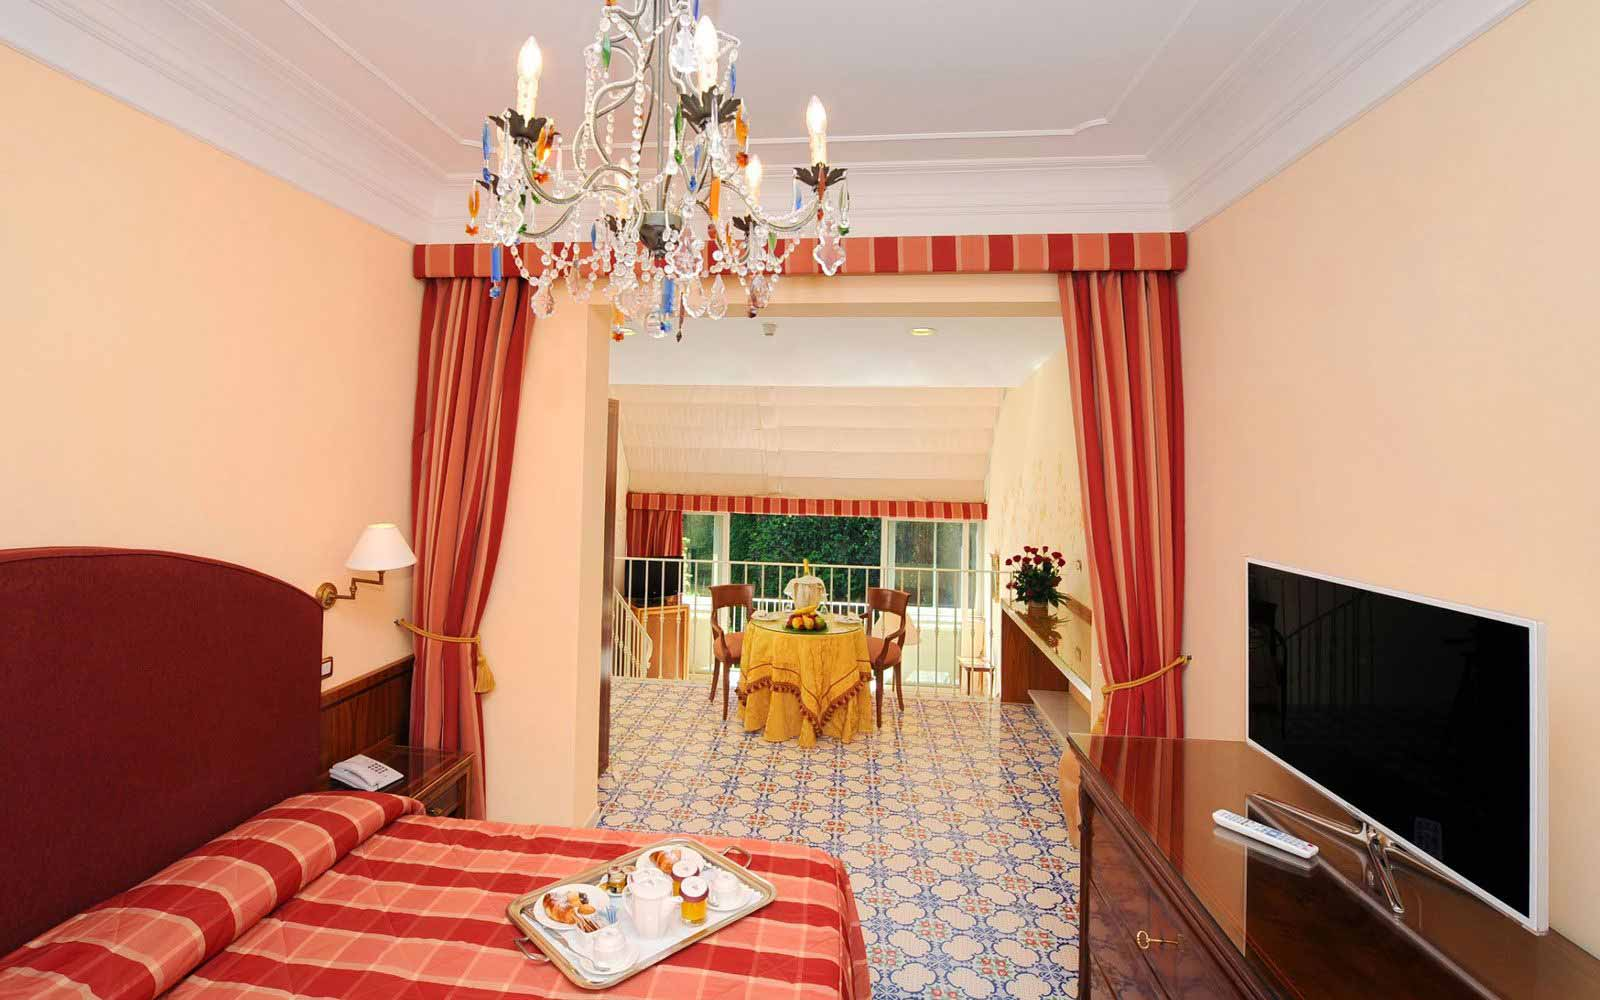 Suite at Hotel Antiche Mura